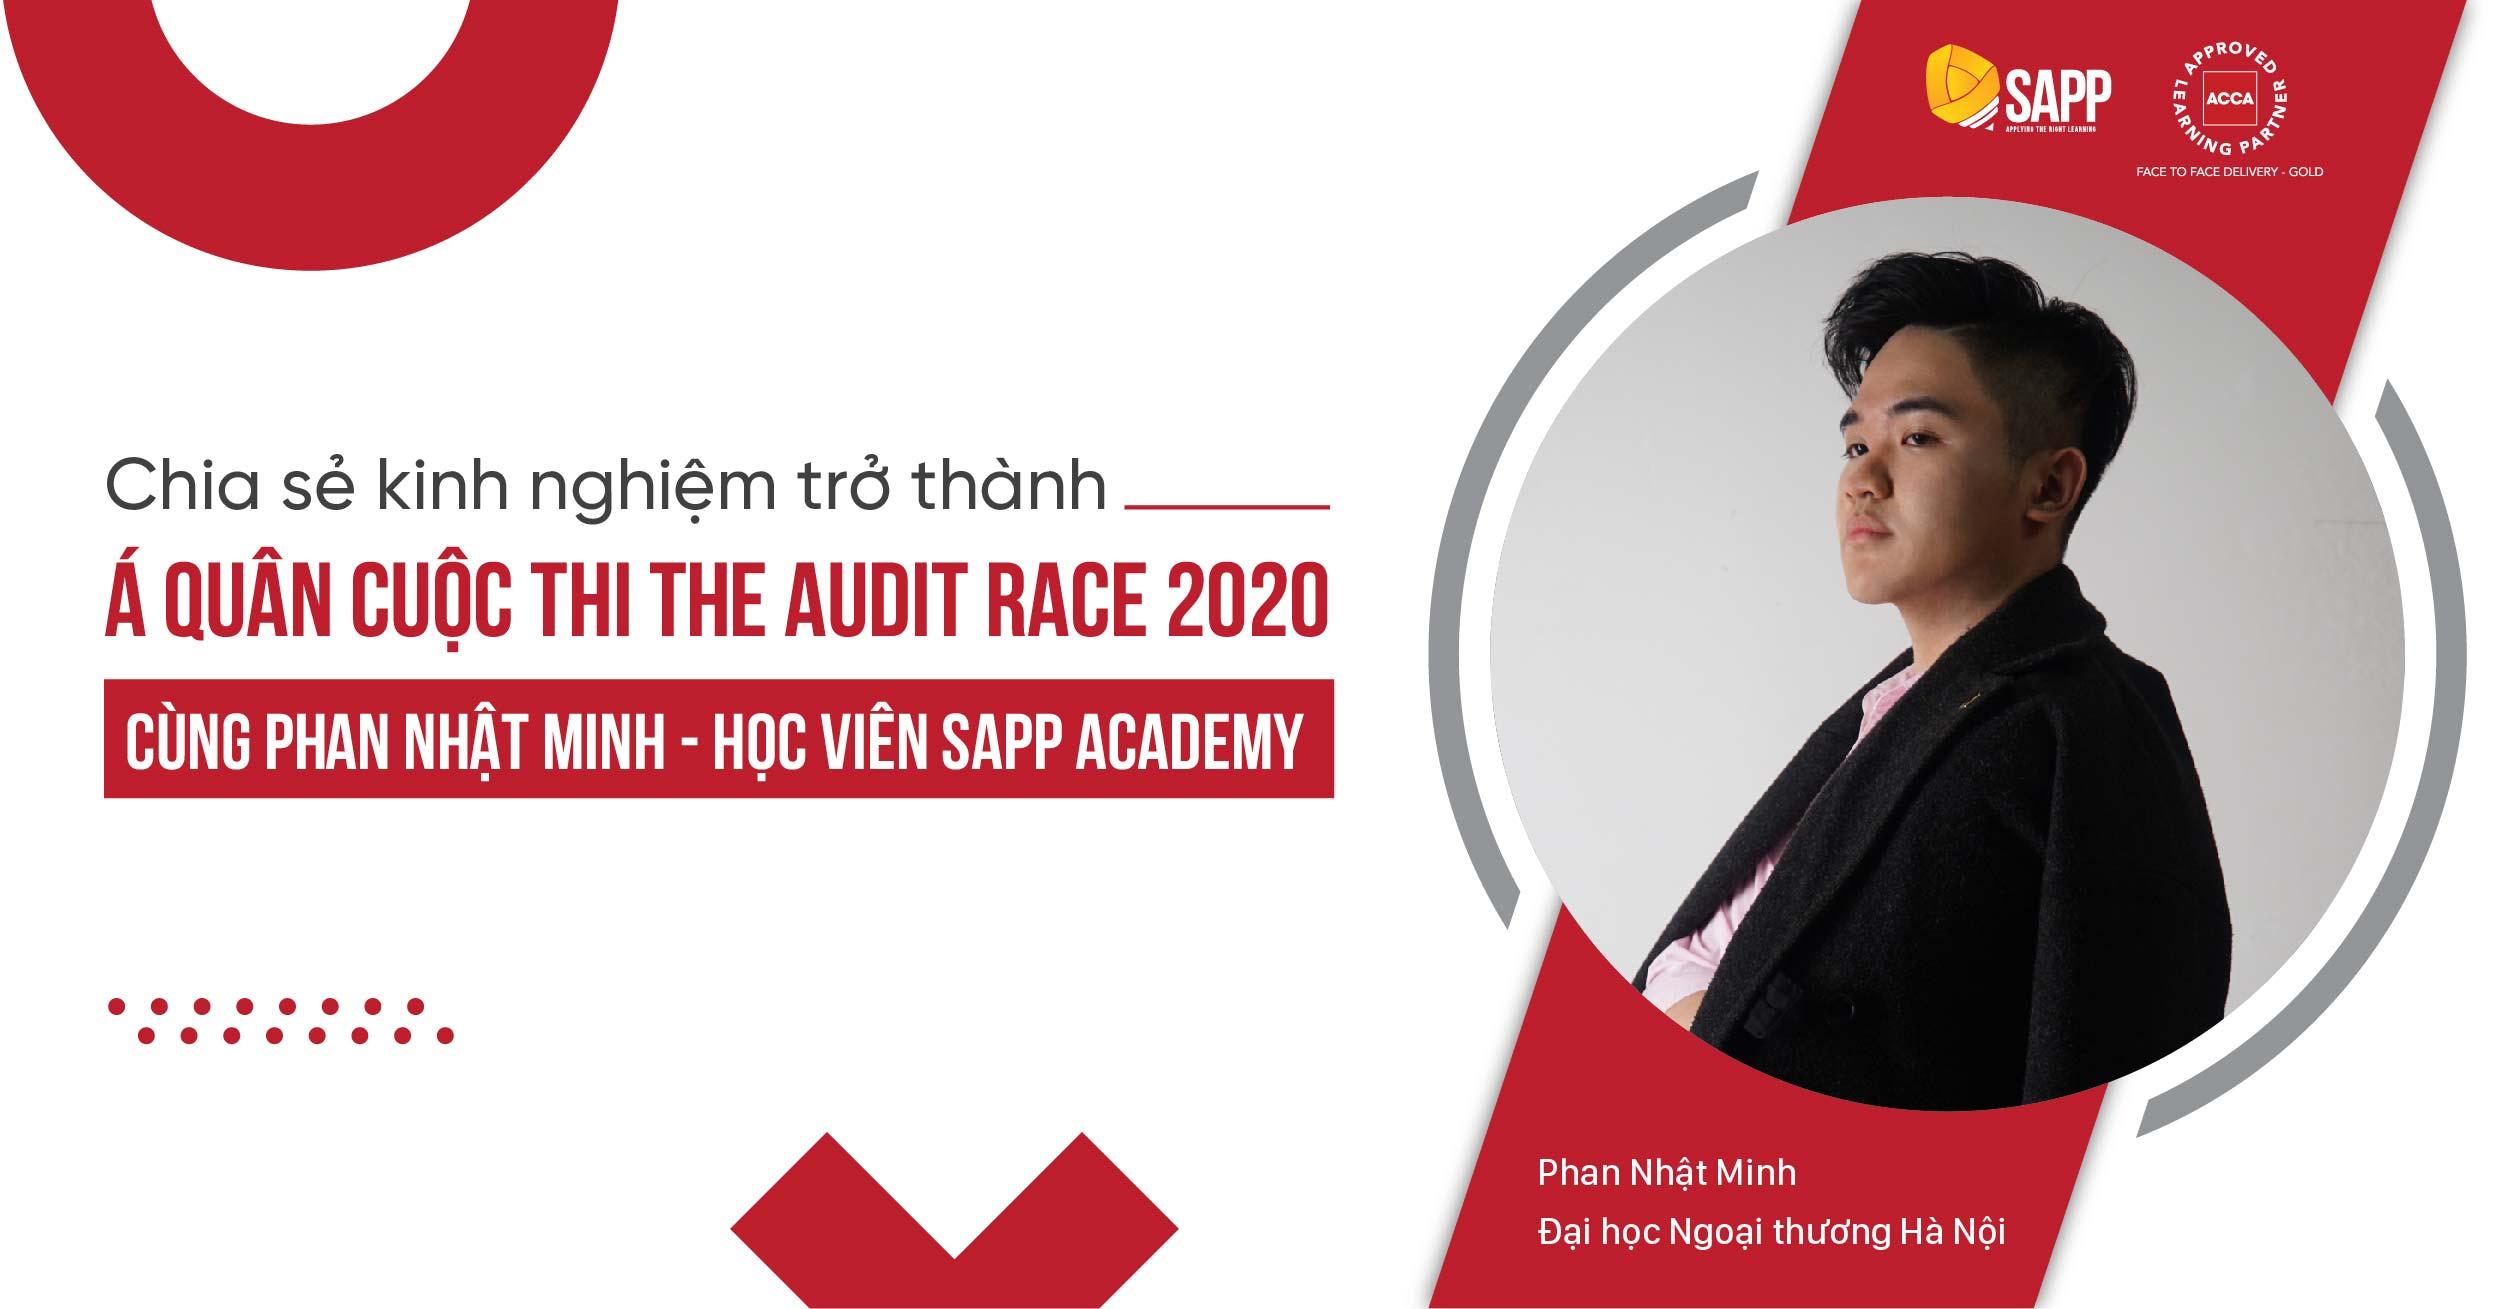 Kinh nghiệm trở thành Á Quân cuộc thi The Audit Race 2020 cùng Phan Nhật Minh